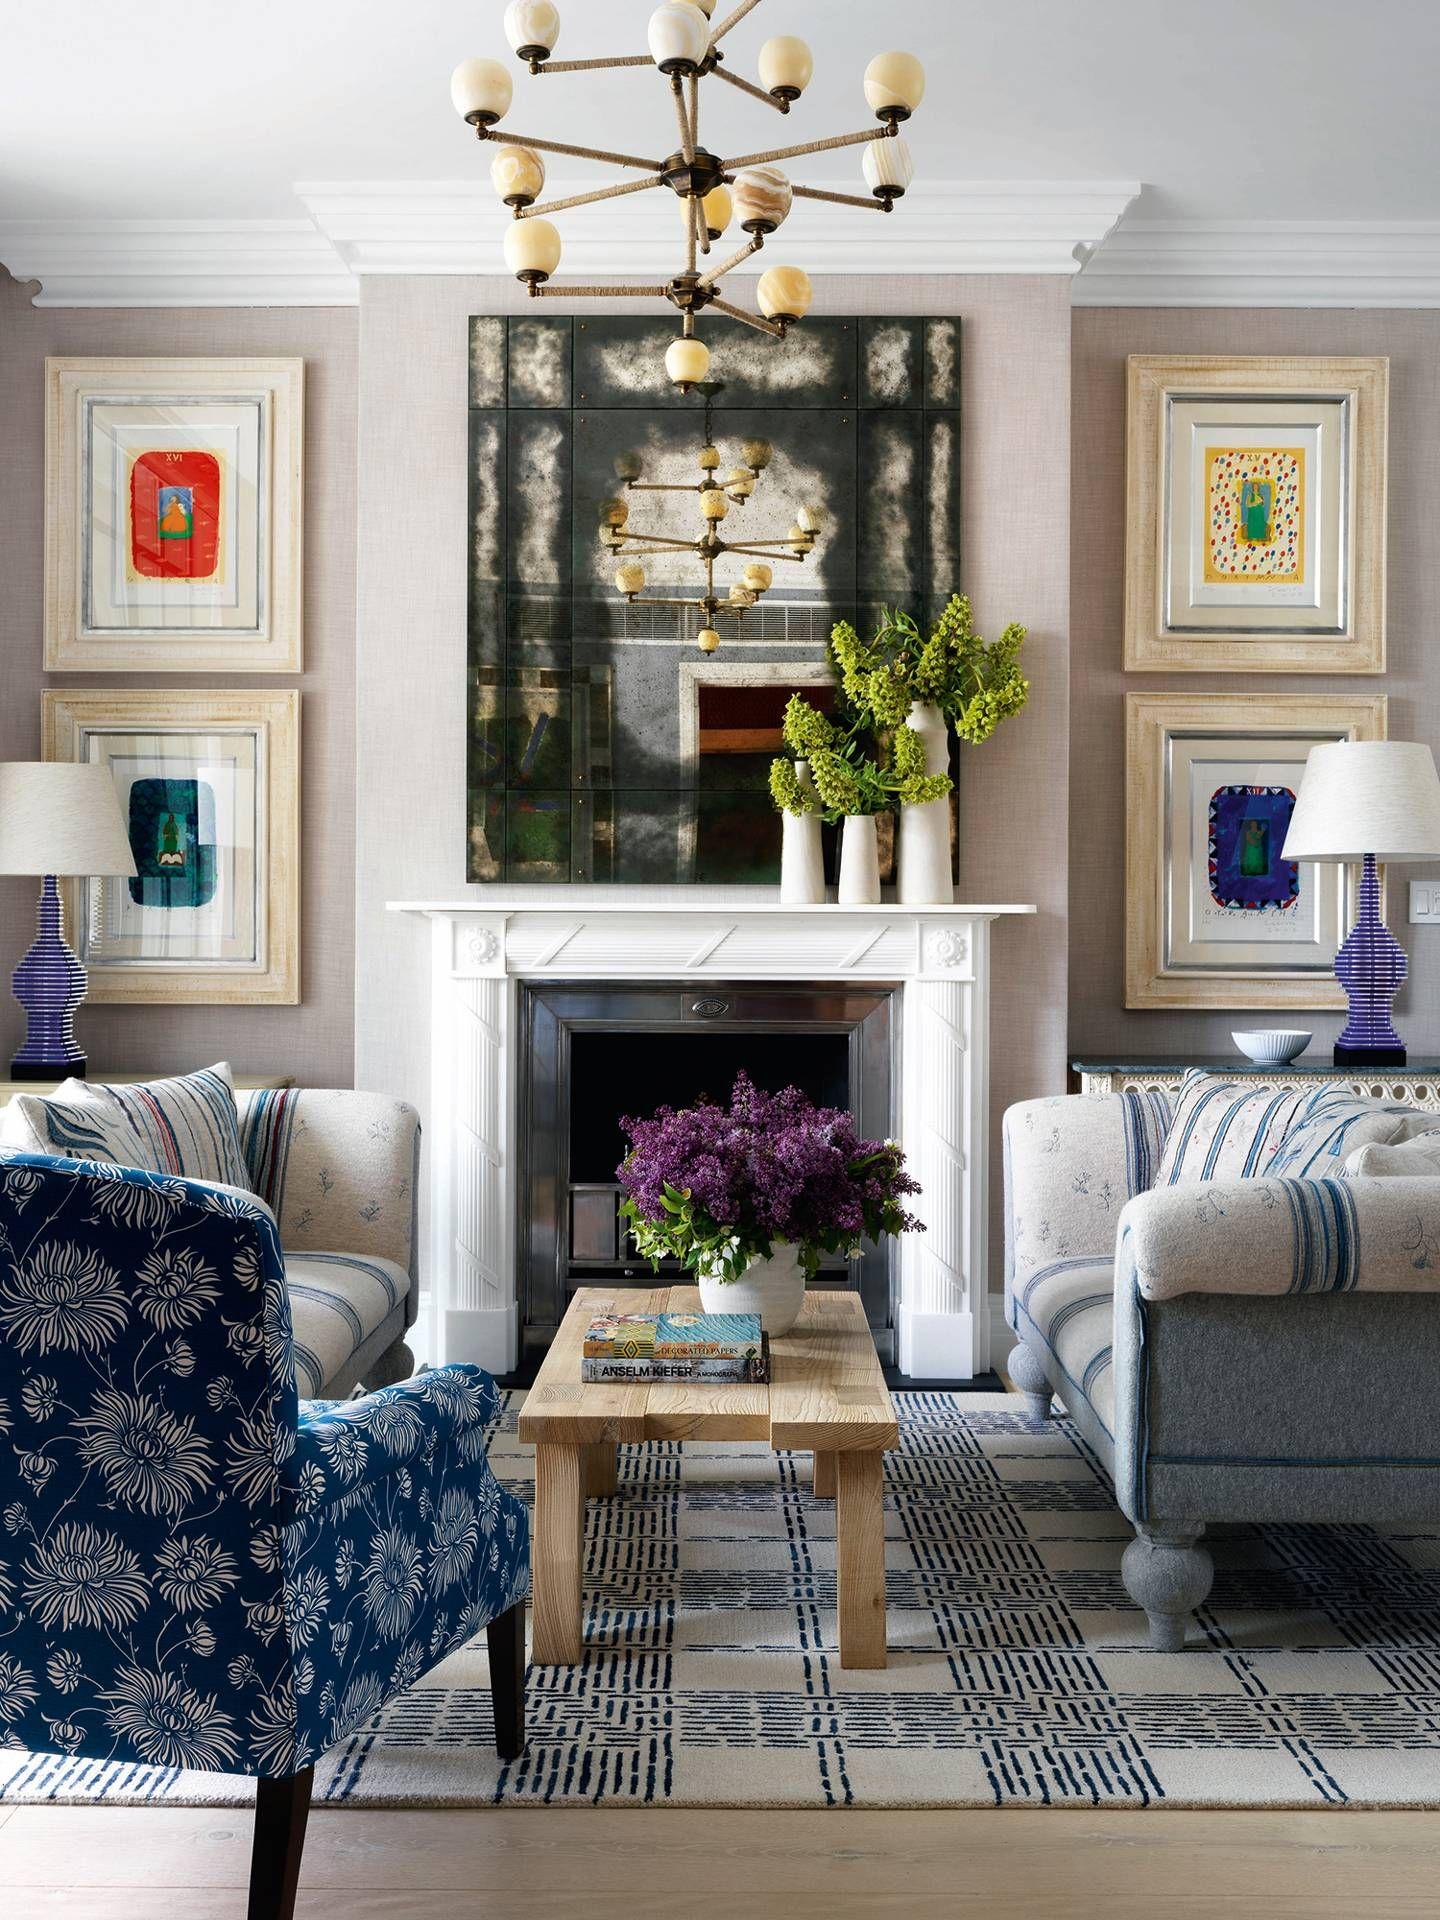 Style File Kit Kemp Home decor, Elle decor, Bohemian